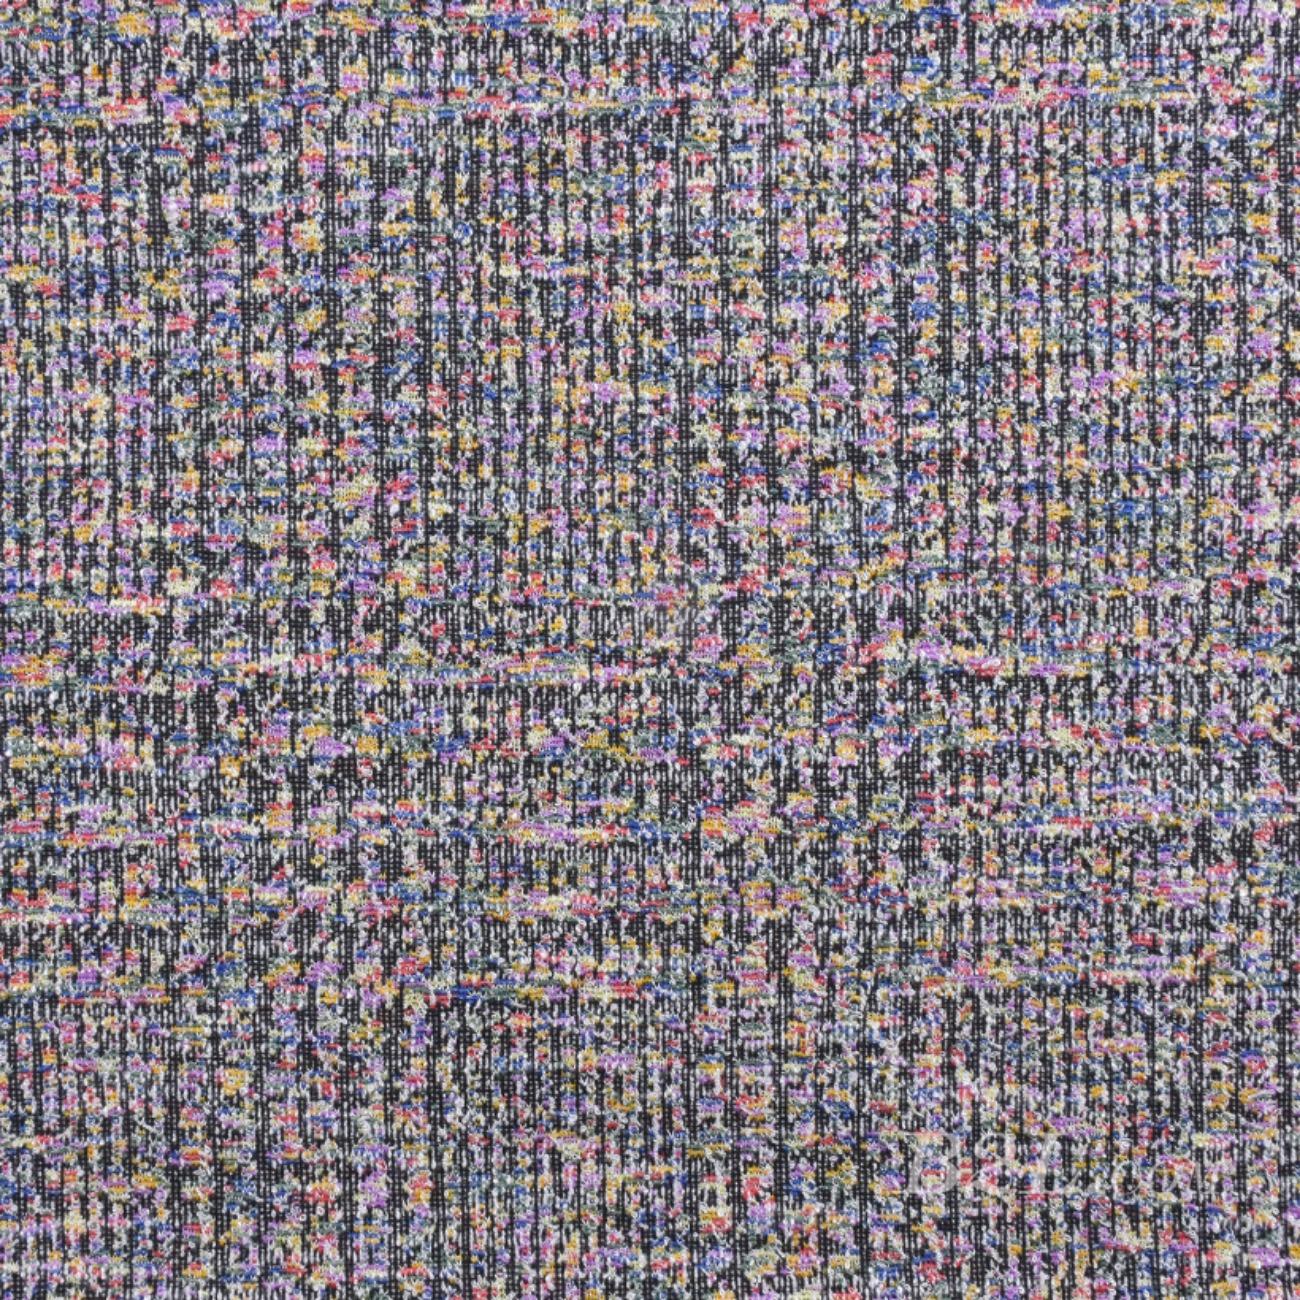 针织染色粗纺小香风面料-春秋冬款大衣外套连衣裙裤装面料Z750